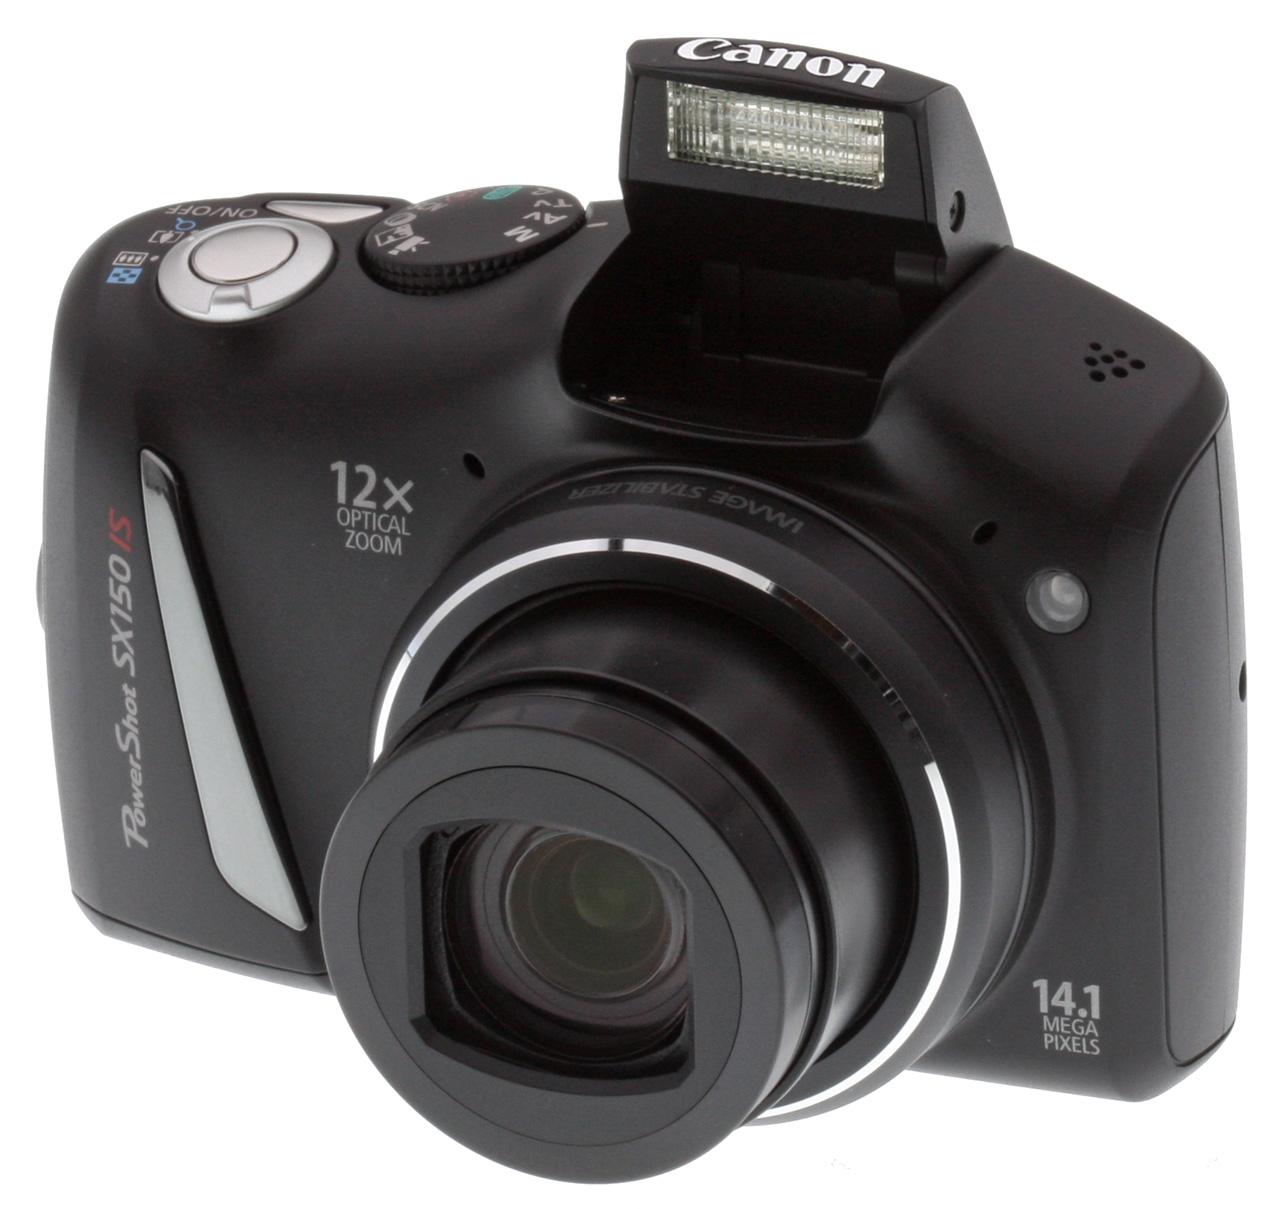 Canon powershot sx150 deals